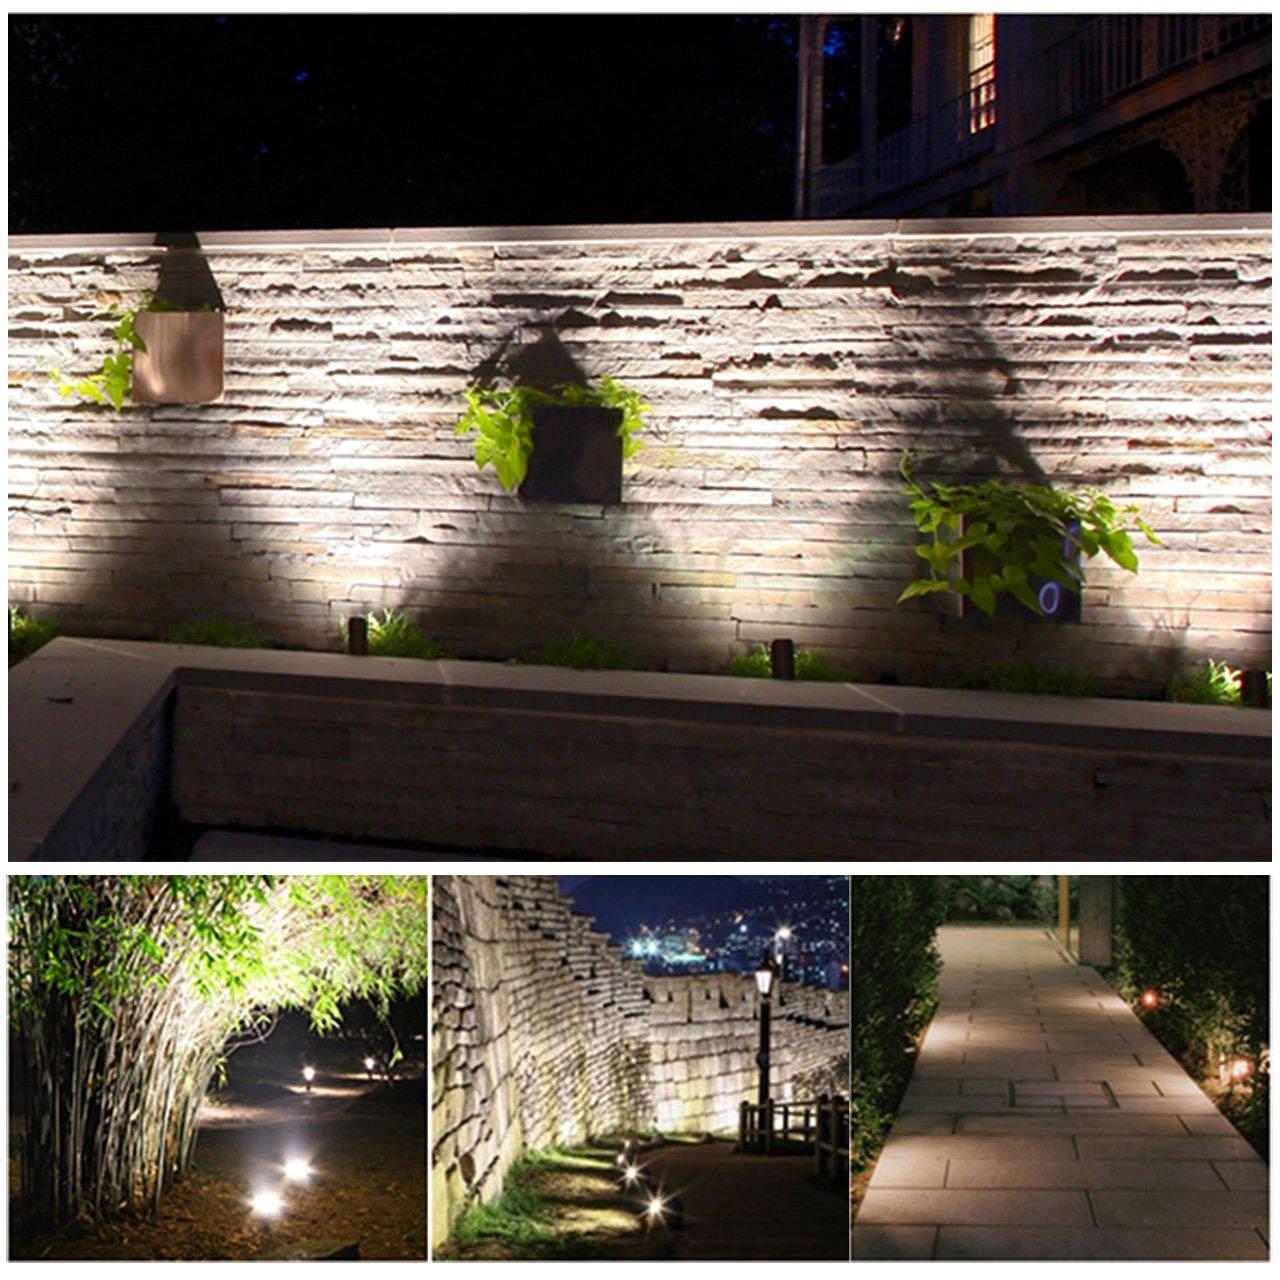 fontaine Spot LED Jardin MEIKEE Lampe 7W 850LM à piquet piscine arbres et massifs Lot de 4 lampe basse tension 12-24V d'extérieur blanc froid Etanche IP66 pour valoriser terrasse